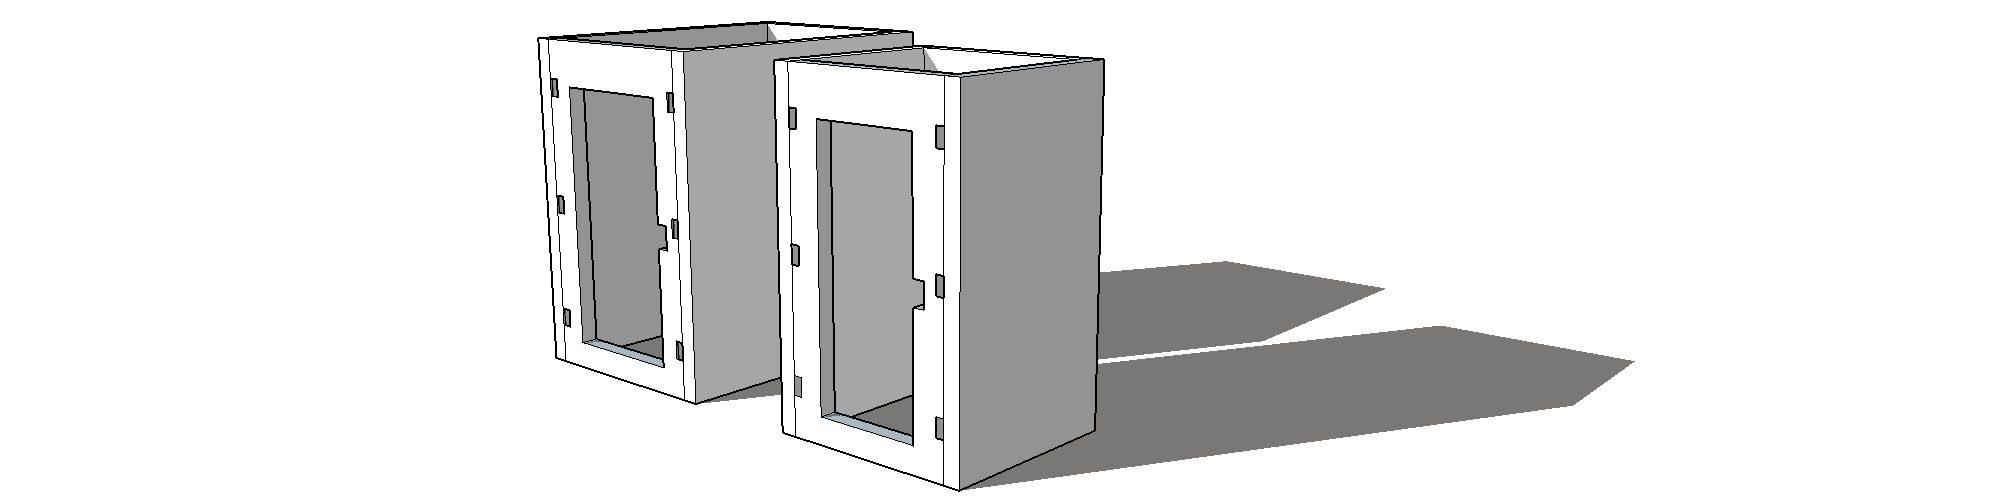 Шахты лифтов железобетонные - ШЛ, ШЛП, ШЛГП